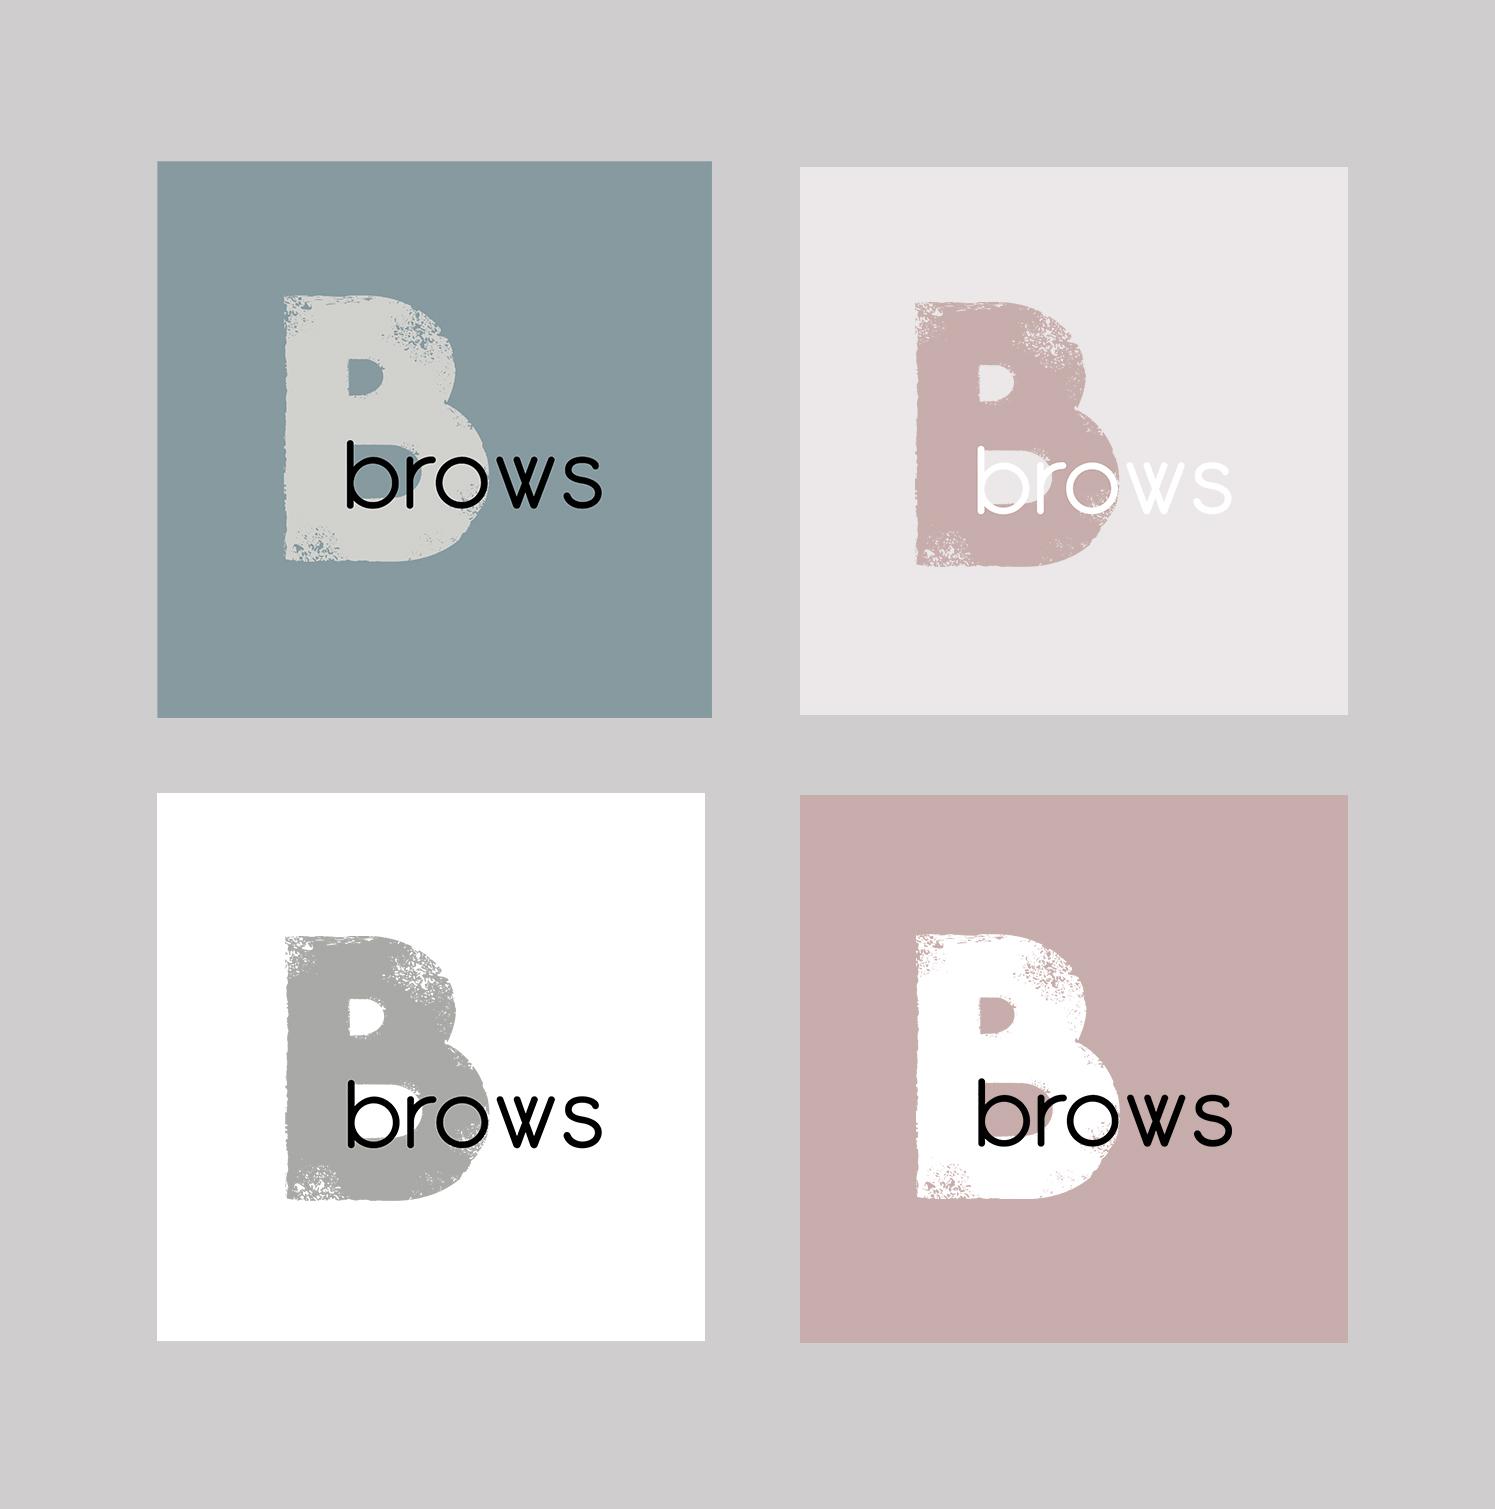 BBrows - лого для мастера бровиста